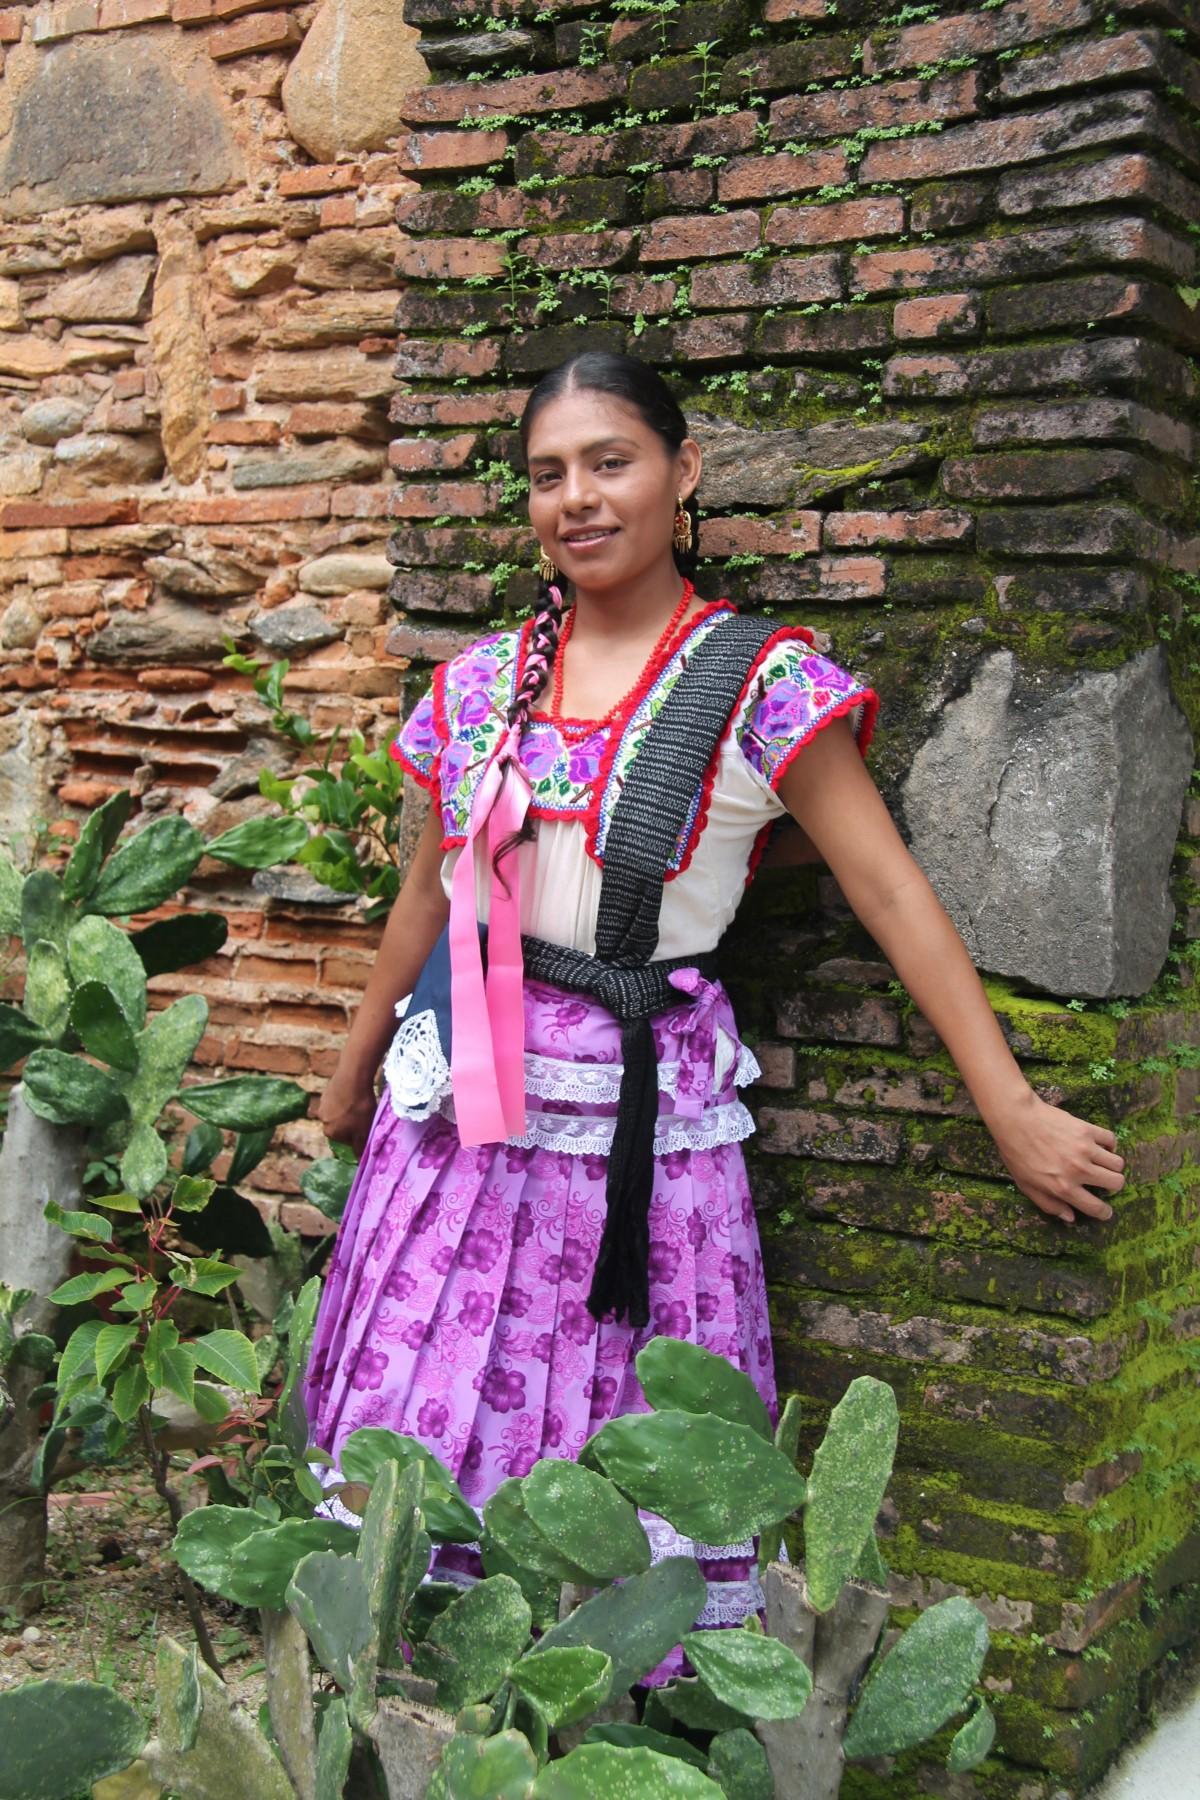 Fotos gratis : cactus, gente, flor, verde, Iglesia, jardín, vestir, mujer, mexicano, indígena ...